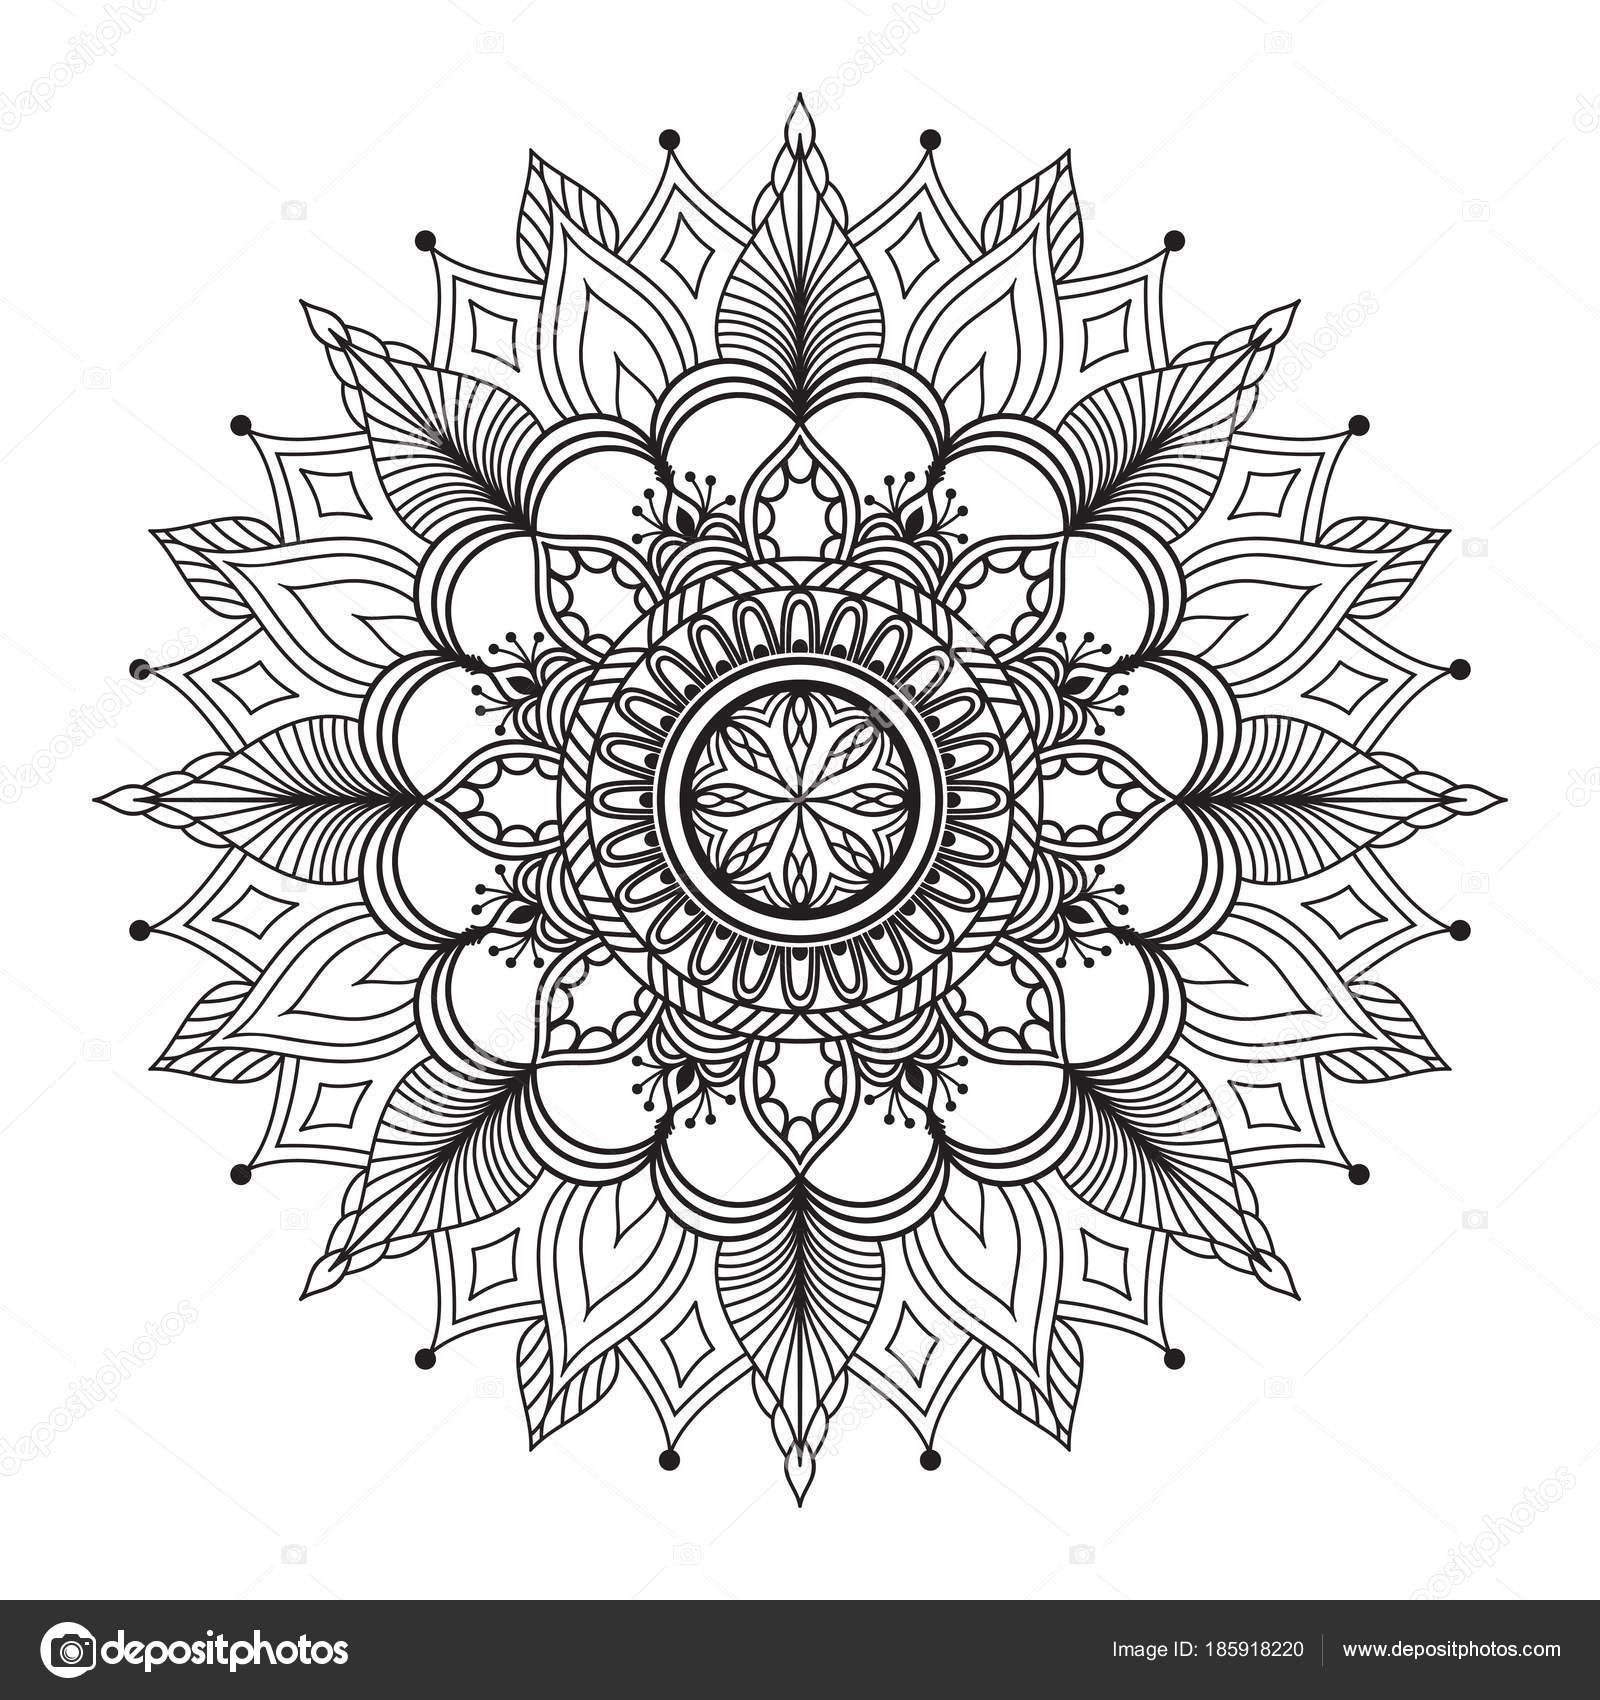 花曼荼羅エスニックな装飾要素ぬりえページ Templat ストック